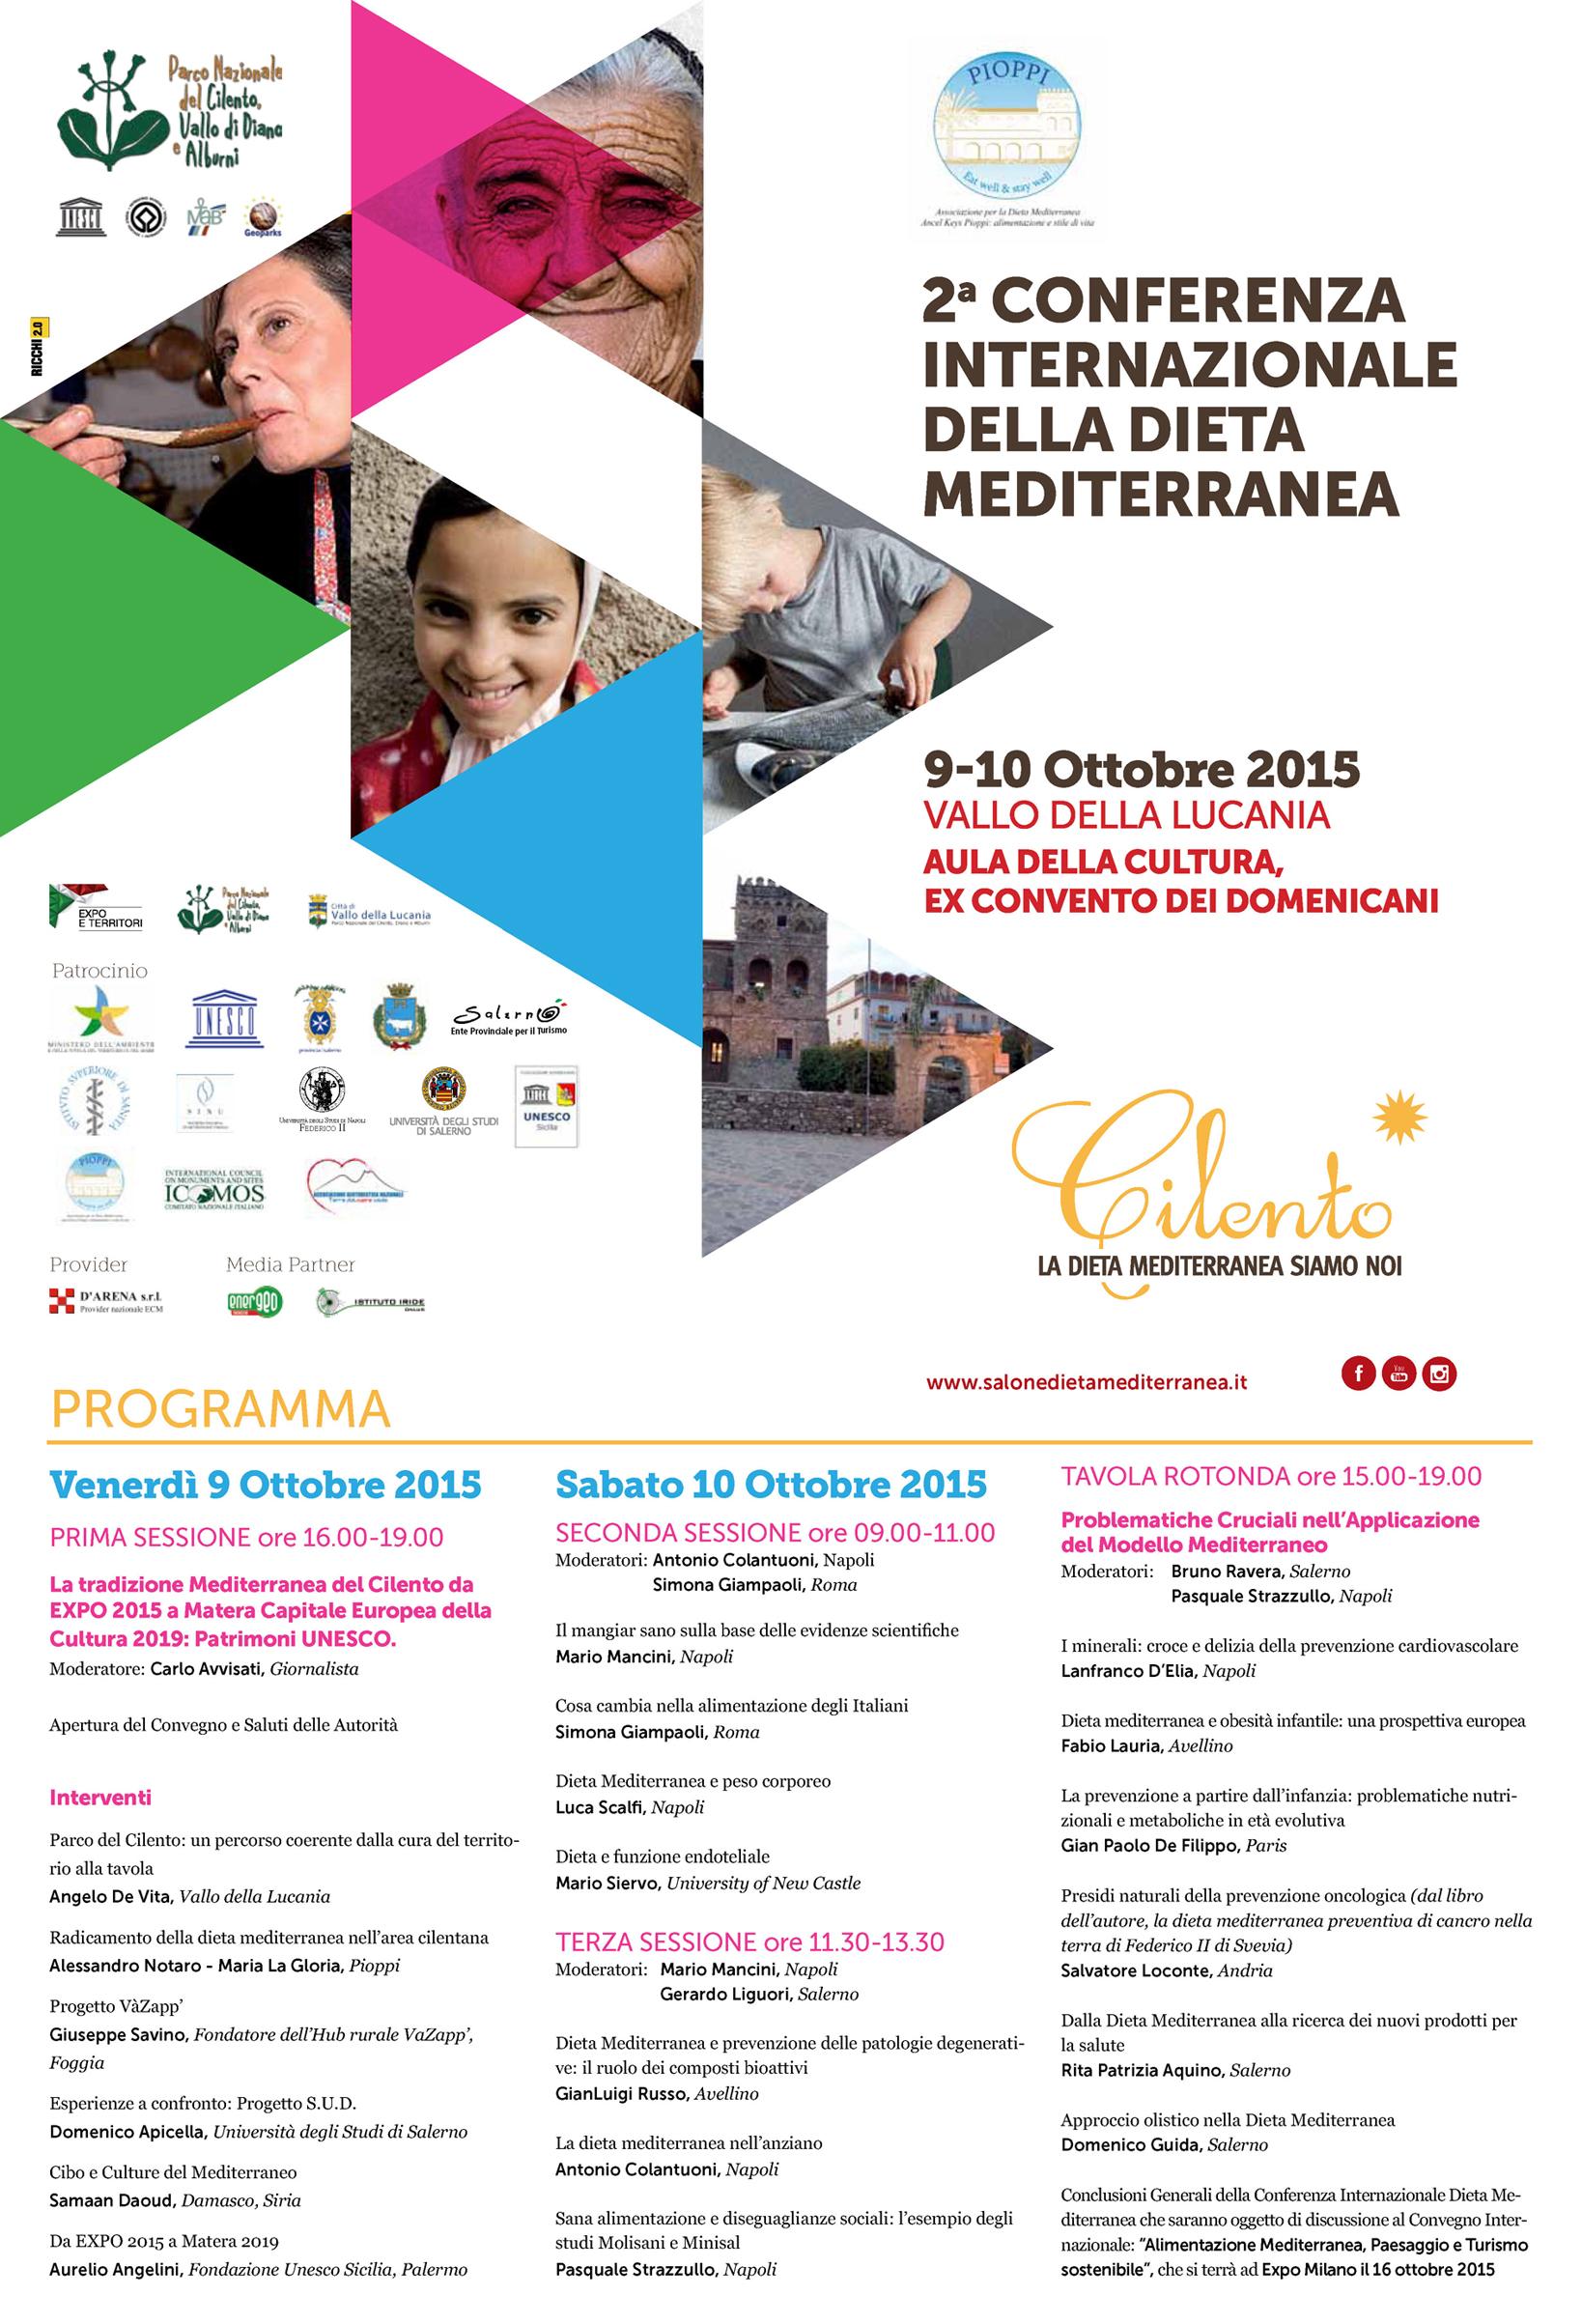 Vallo della Lucania: ACN Campania partecipa alla Conferenza Internazionale della Dieta Mediterranea